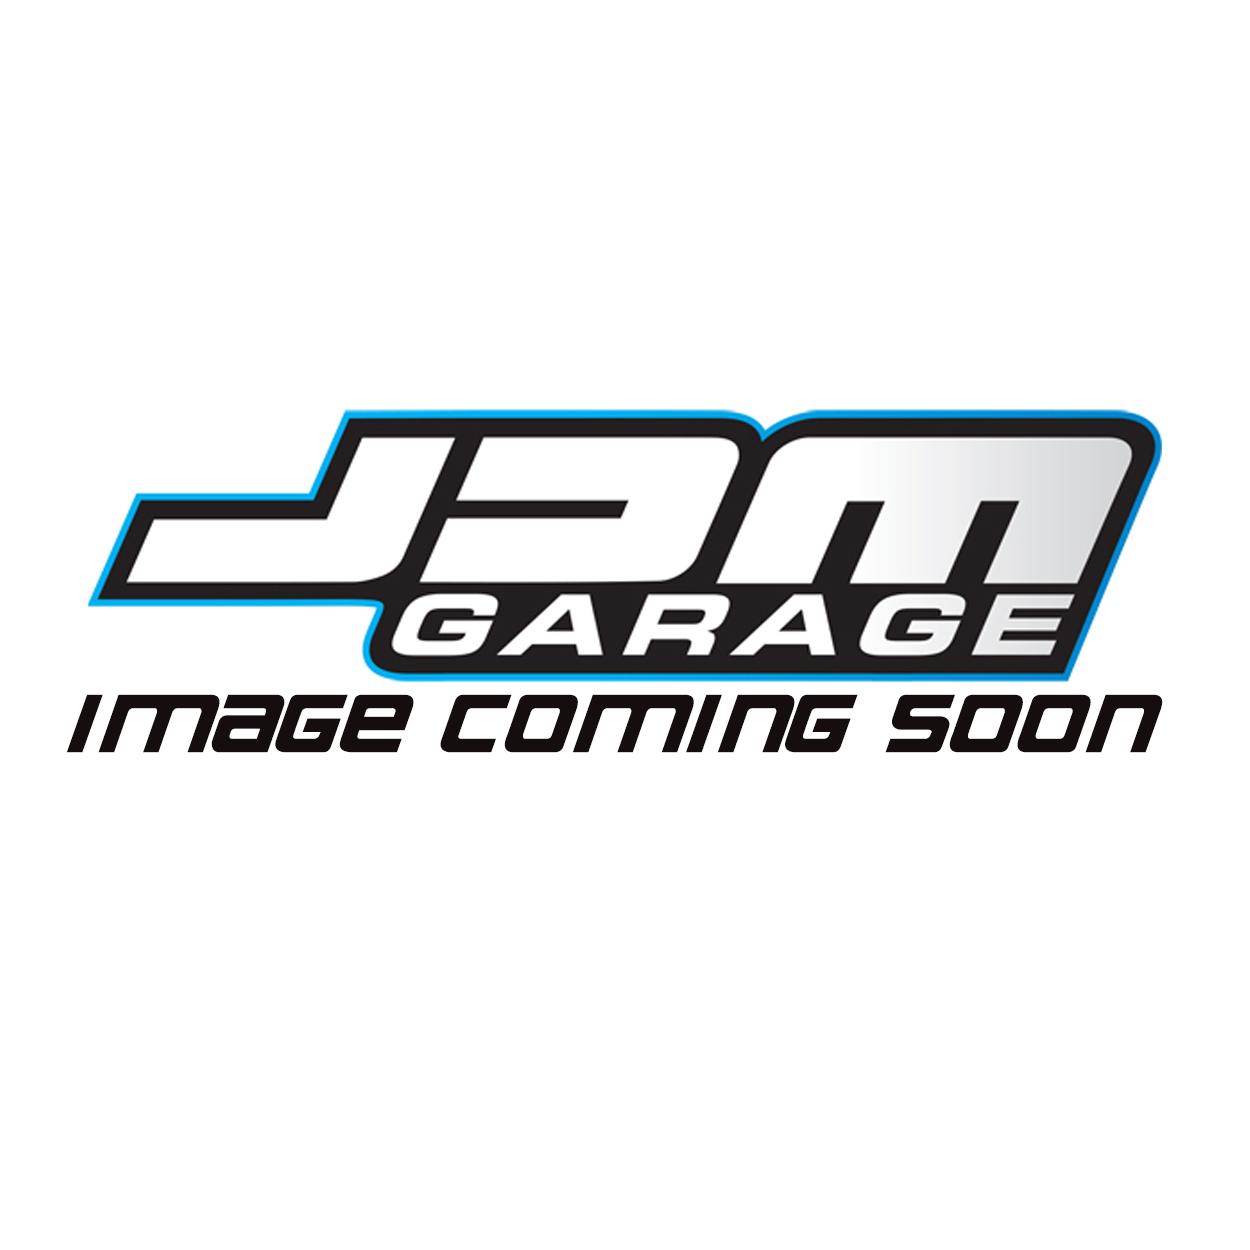 Genuine Nissan Timing Belt Spring Washer For Skyline R32 R33 GTST R34 GTT GTR 11058-S970A 11058-01B02